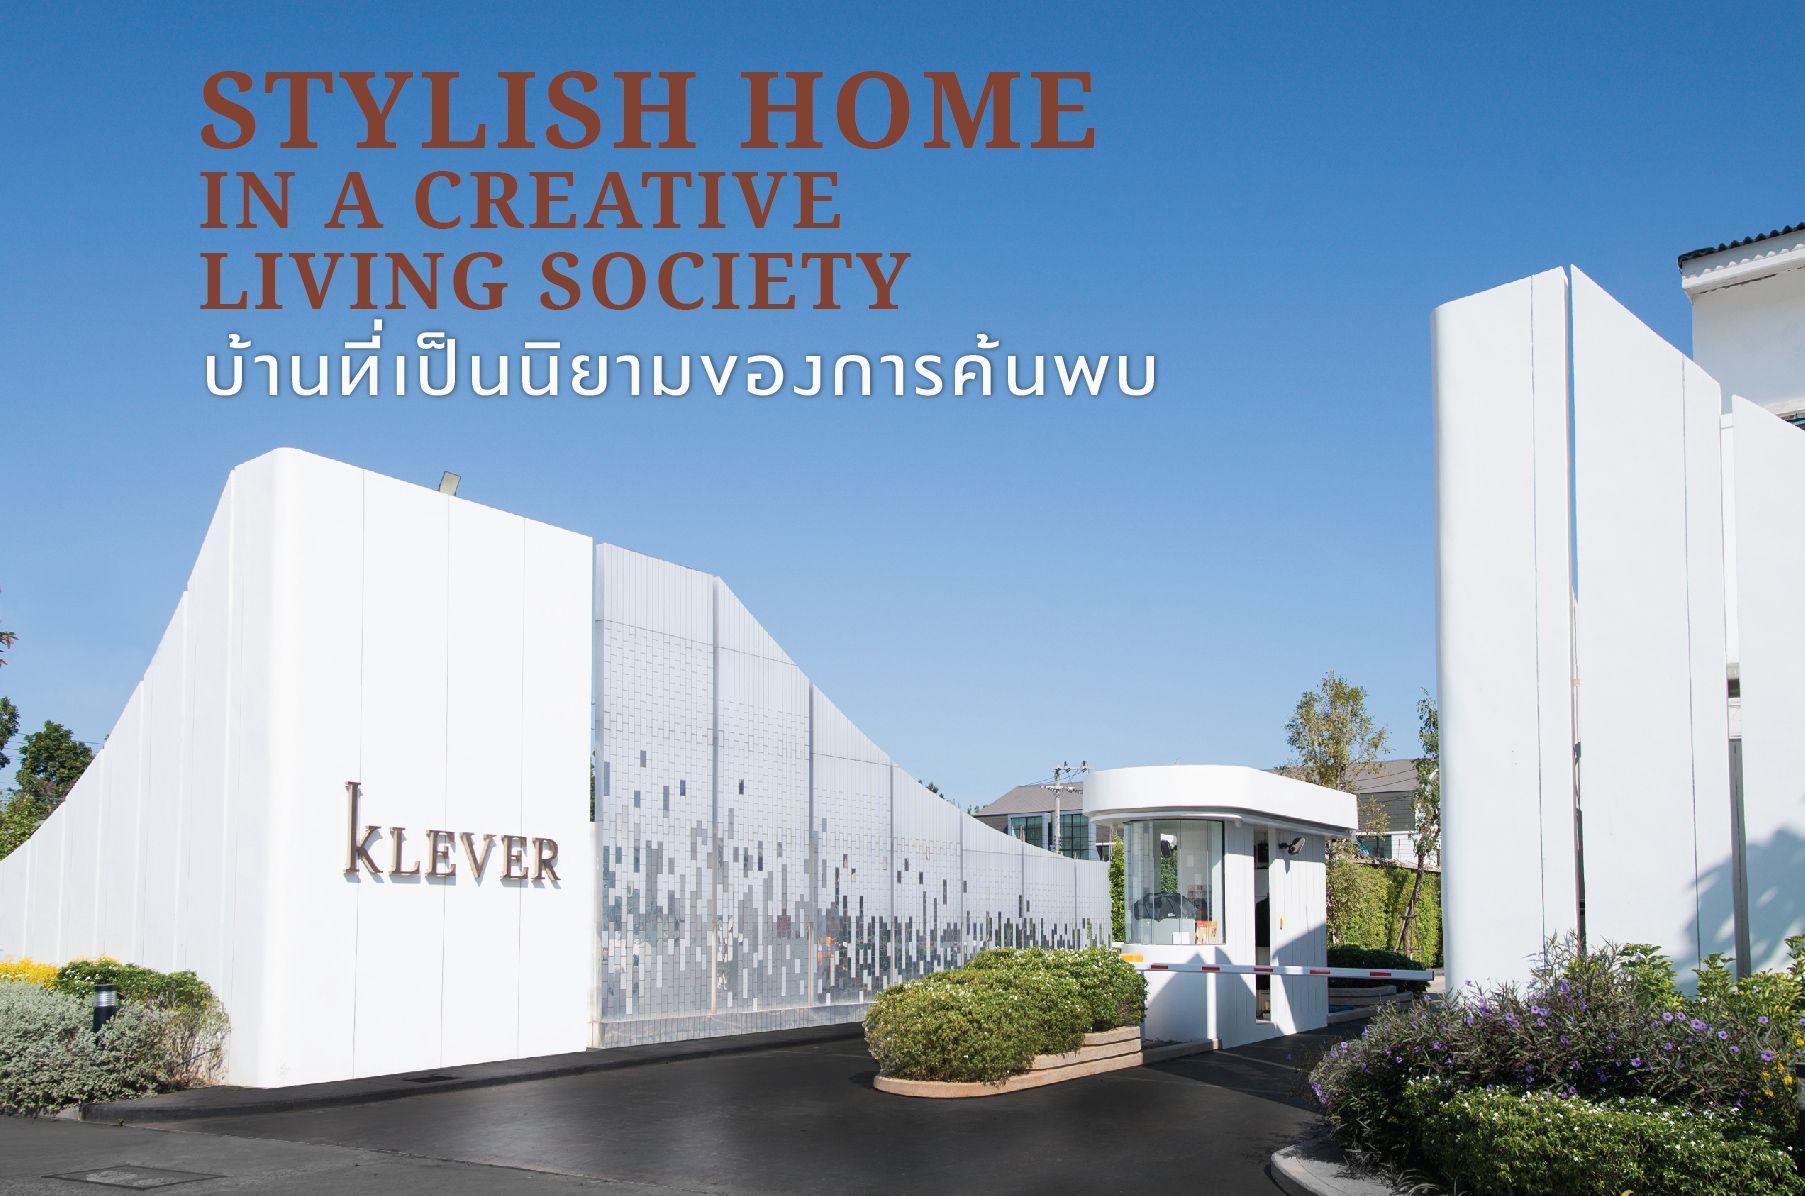 กว่าจะมาเป็นโครงการ Klever บ้านในฝันของทุกคน